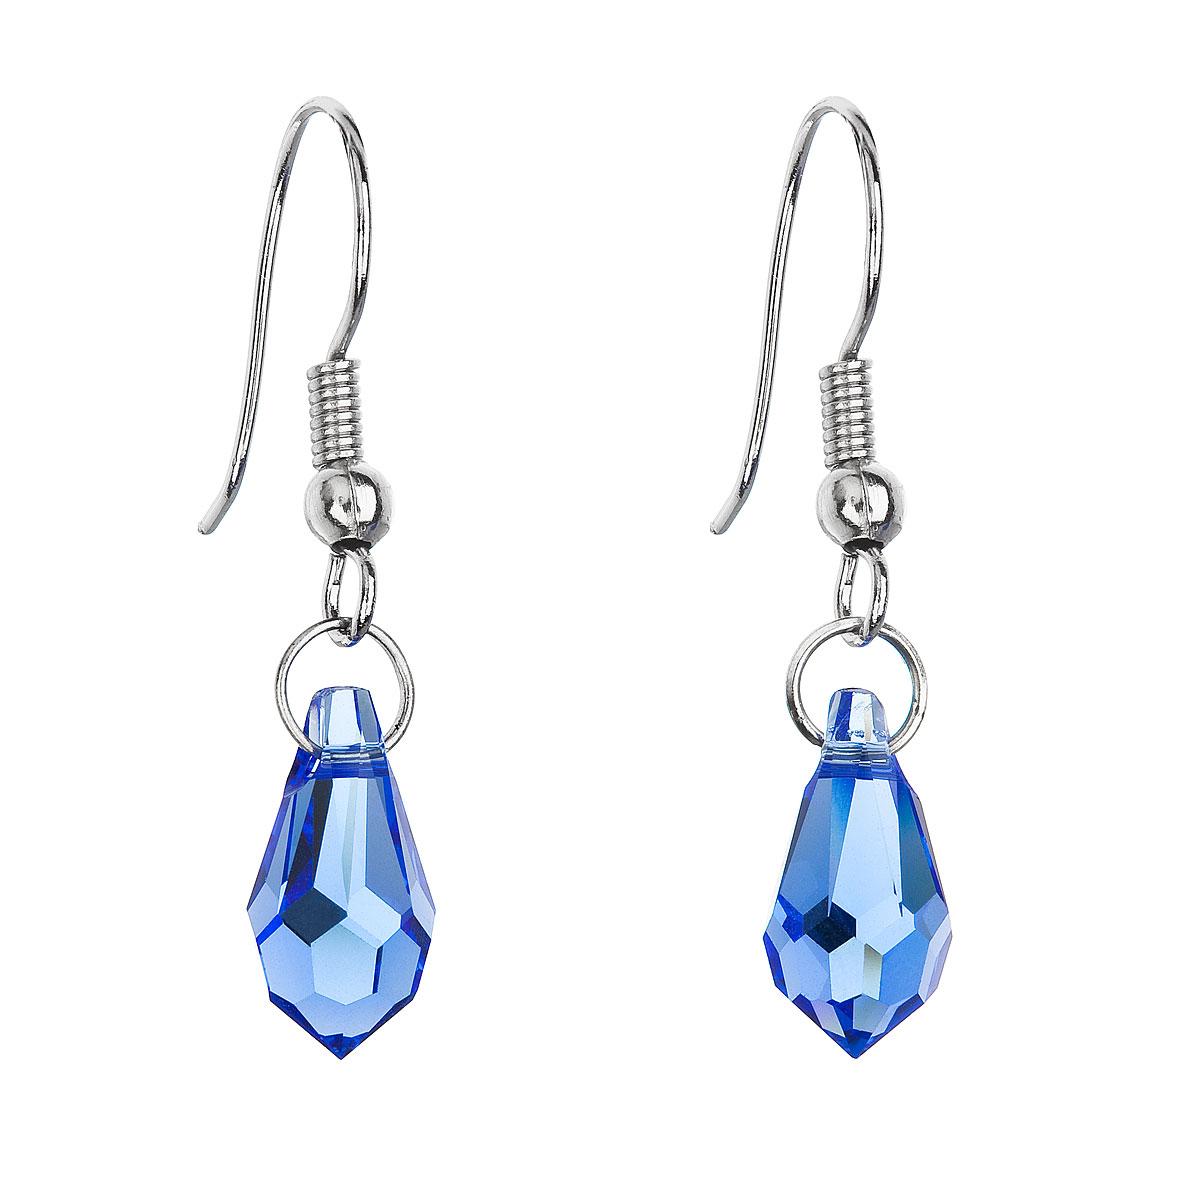 Náušnice se Swarovski krystaly modrá slza 56005.3 sapphire